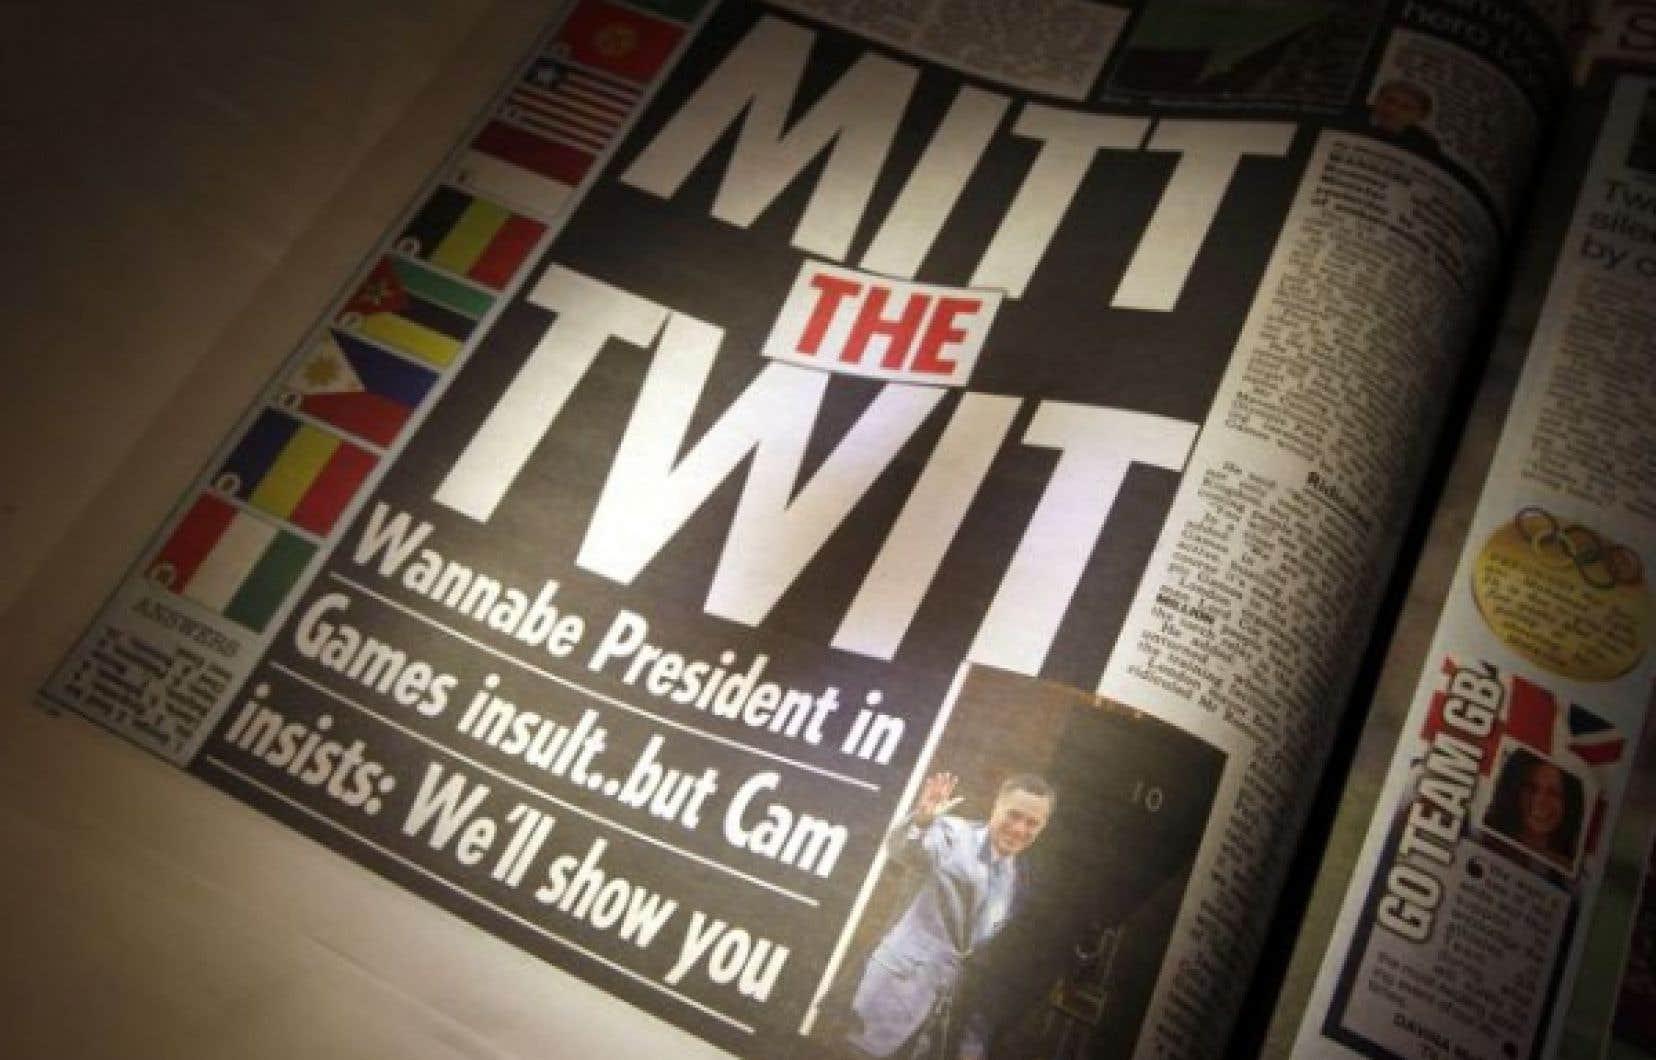 «Mitt the twit» (Mitt l'idiot), titrait le tabloïd The Sun.